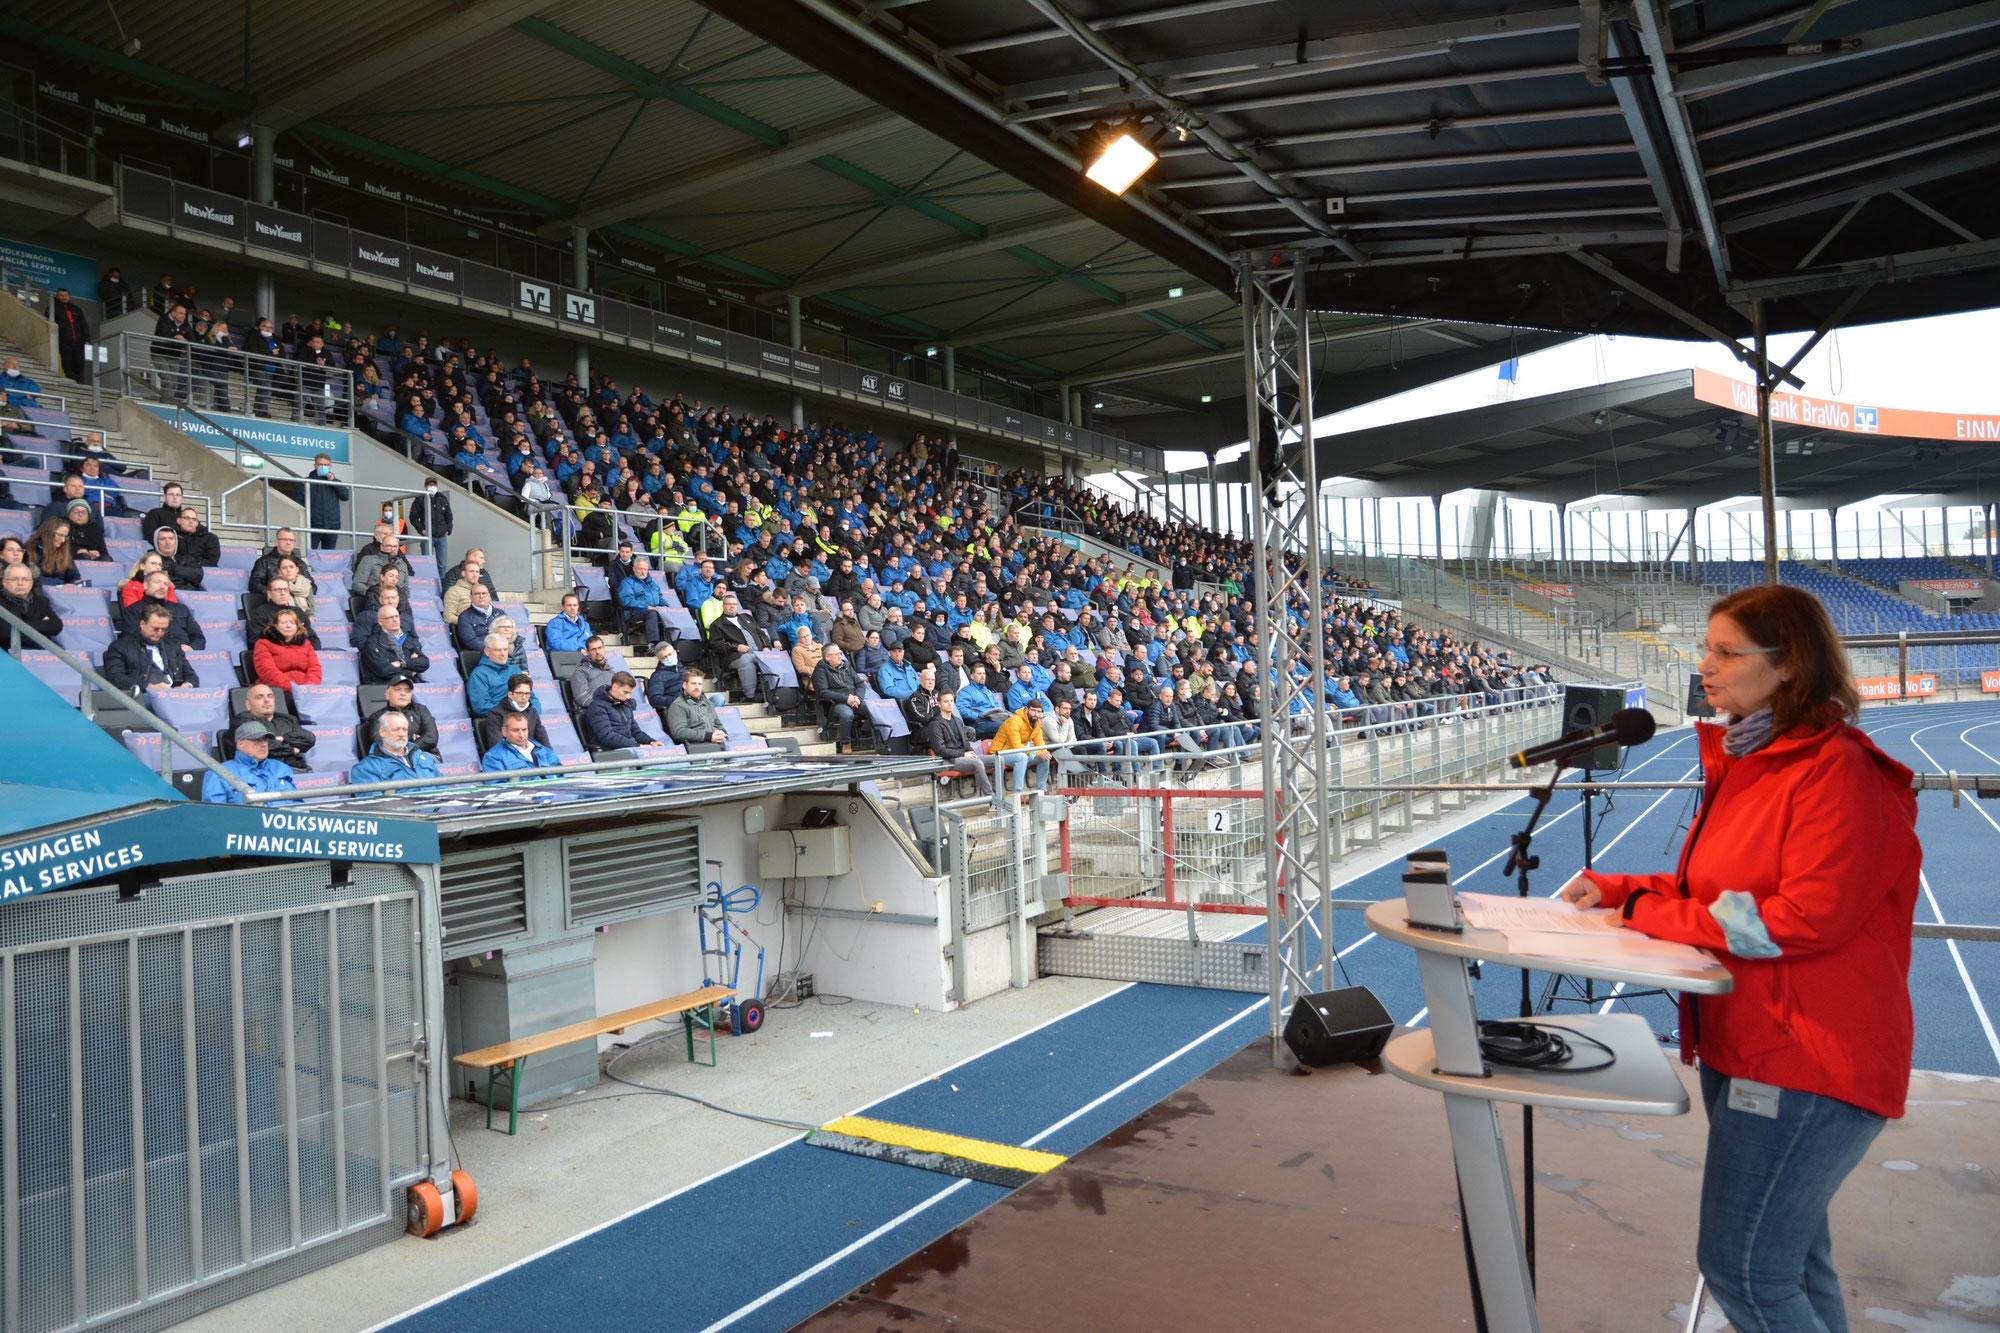 Erste Betriebsversammlung in Braunschweig nach langer Corona-Pause